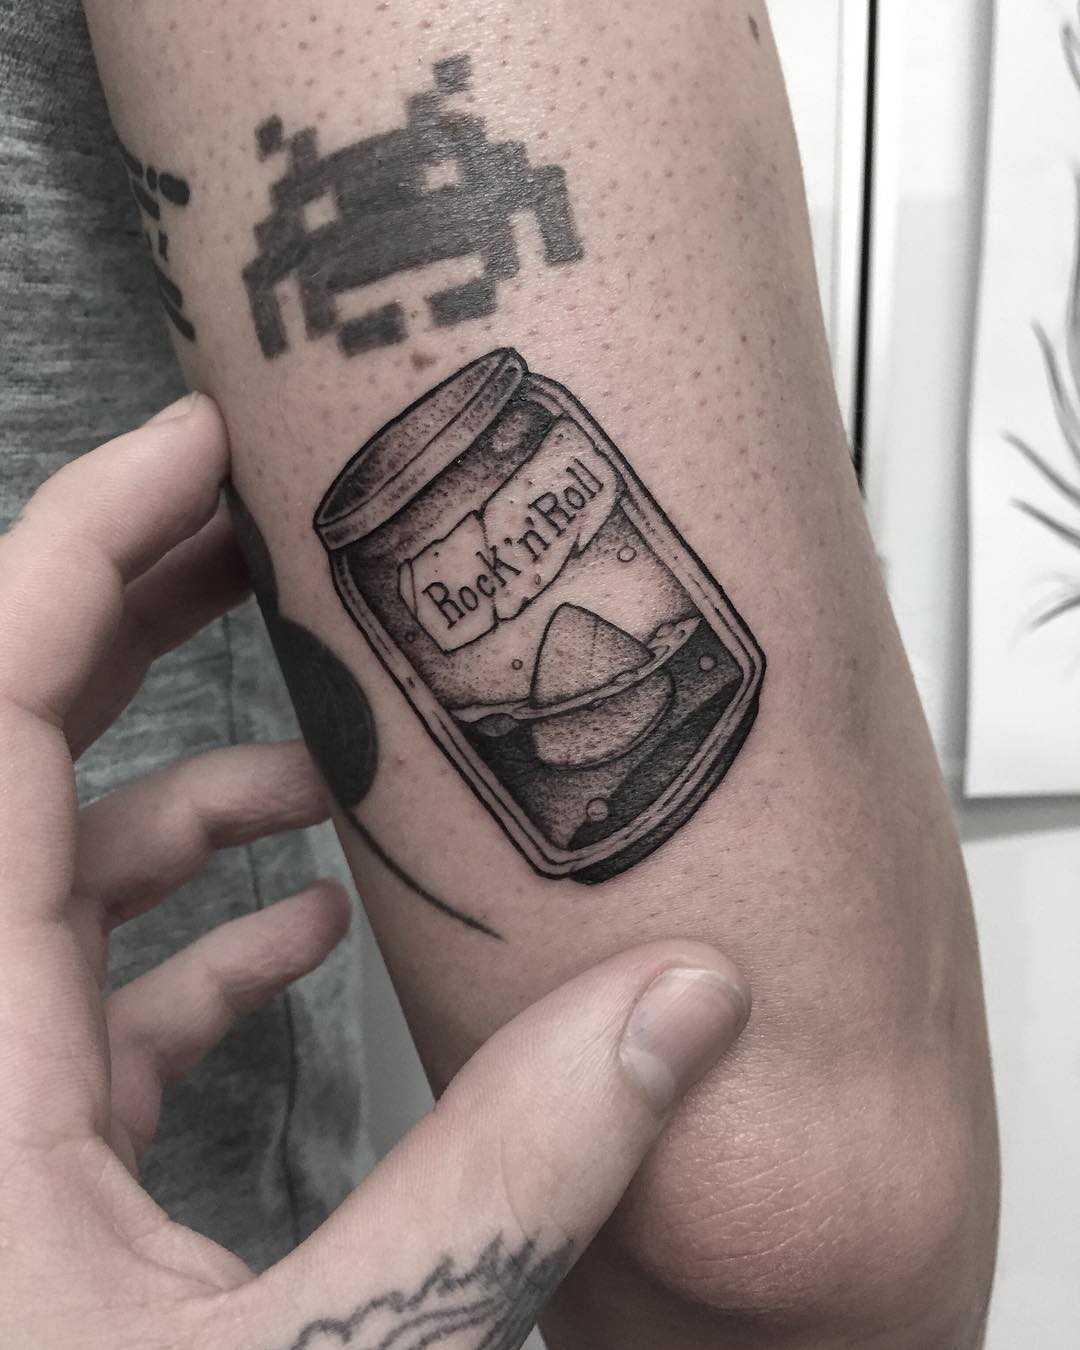 Rock'n'roll jar tattoo